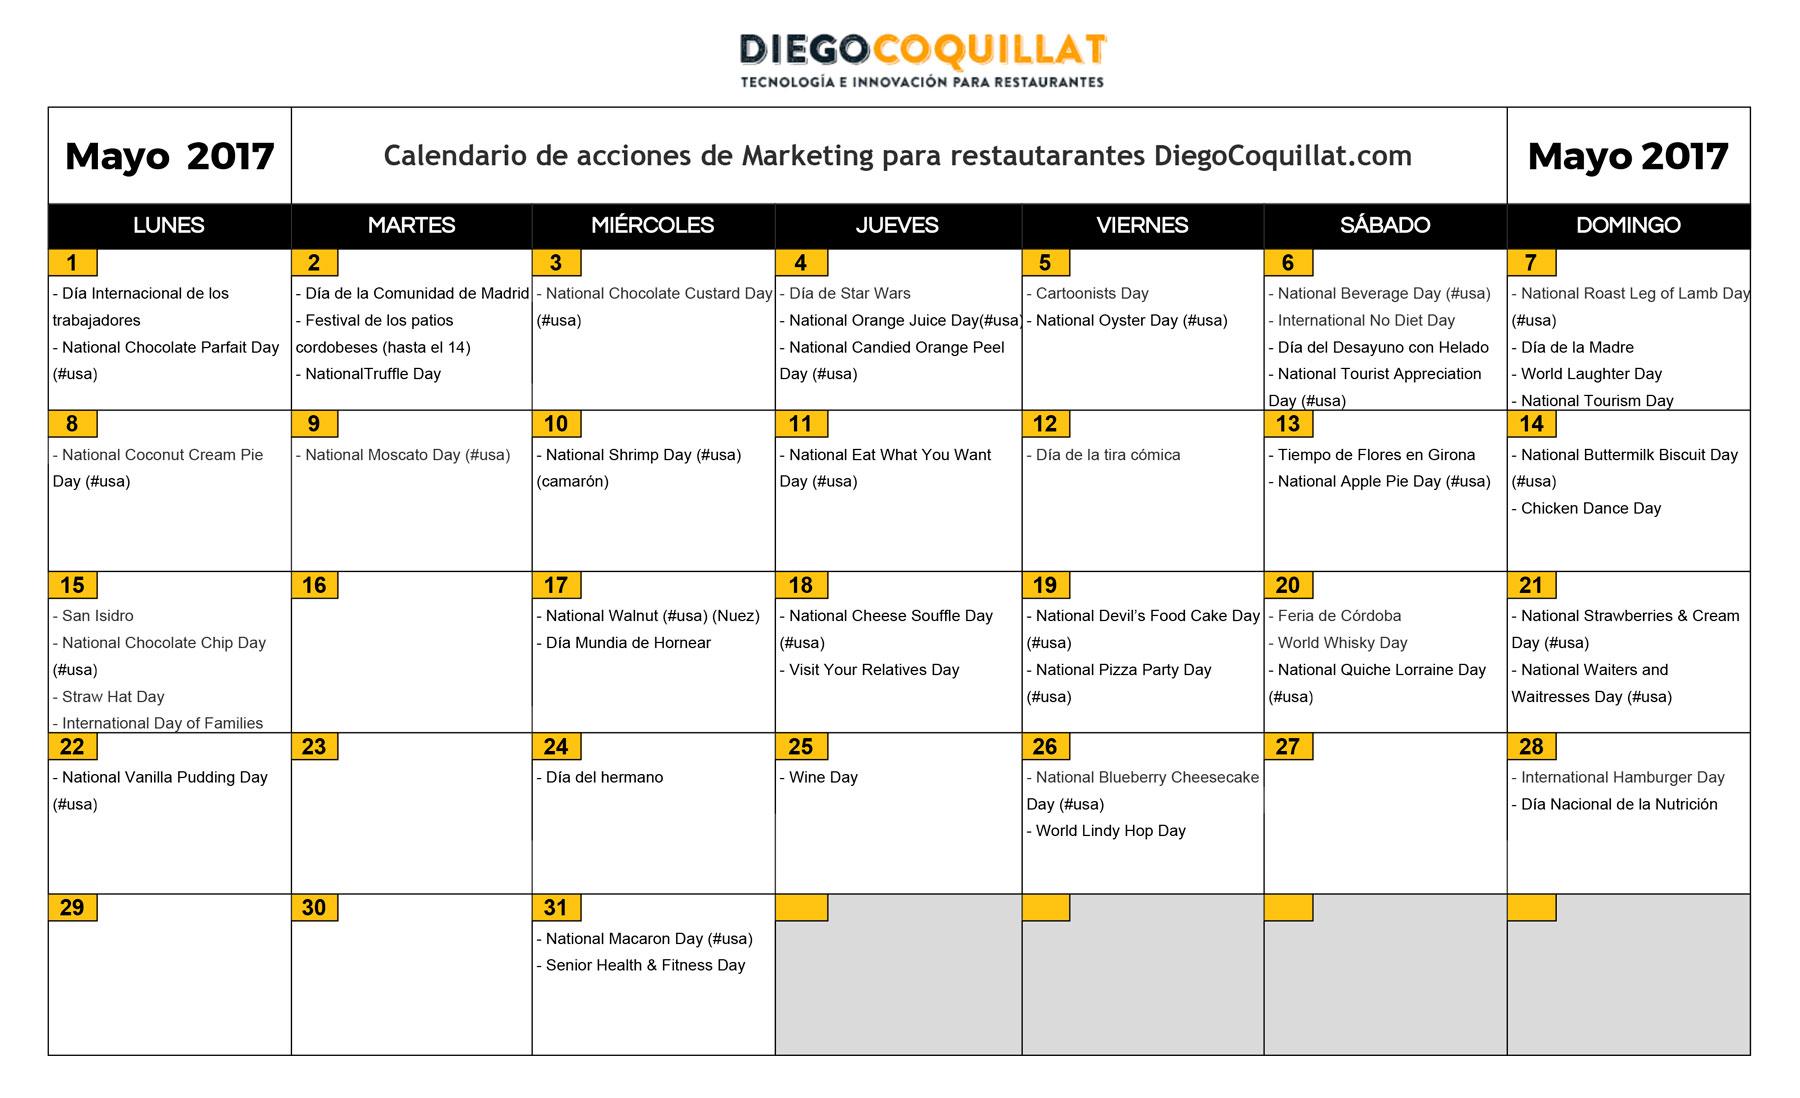 Mayo de 2017: calendario de acciones de marketing para restaurantes